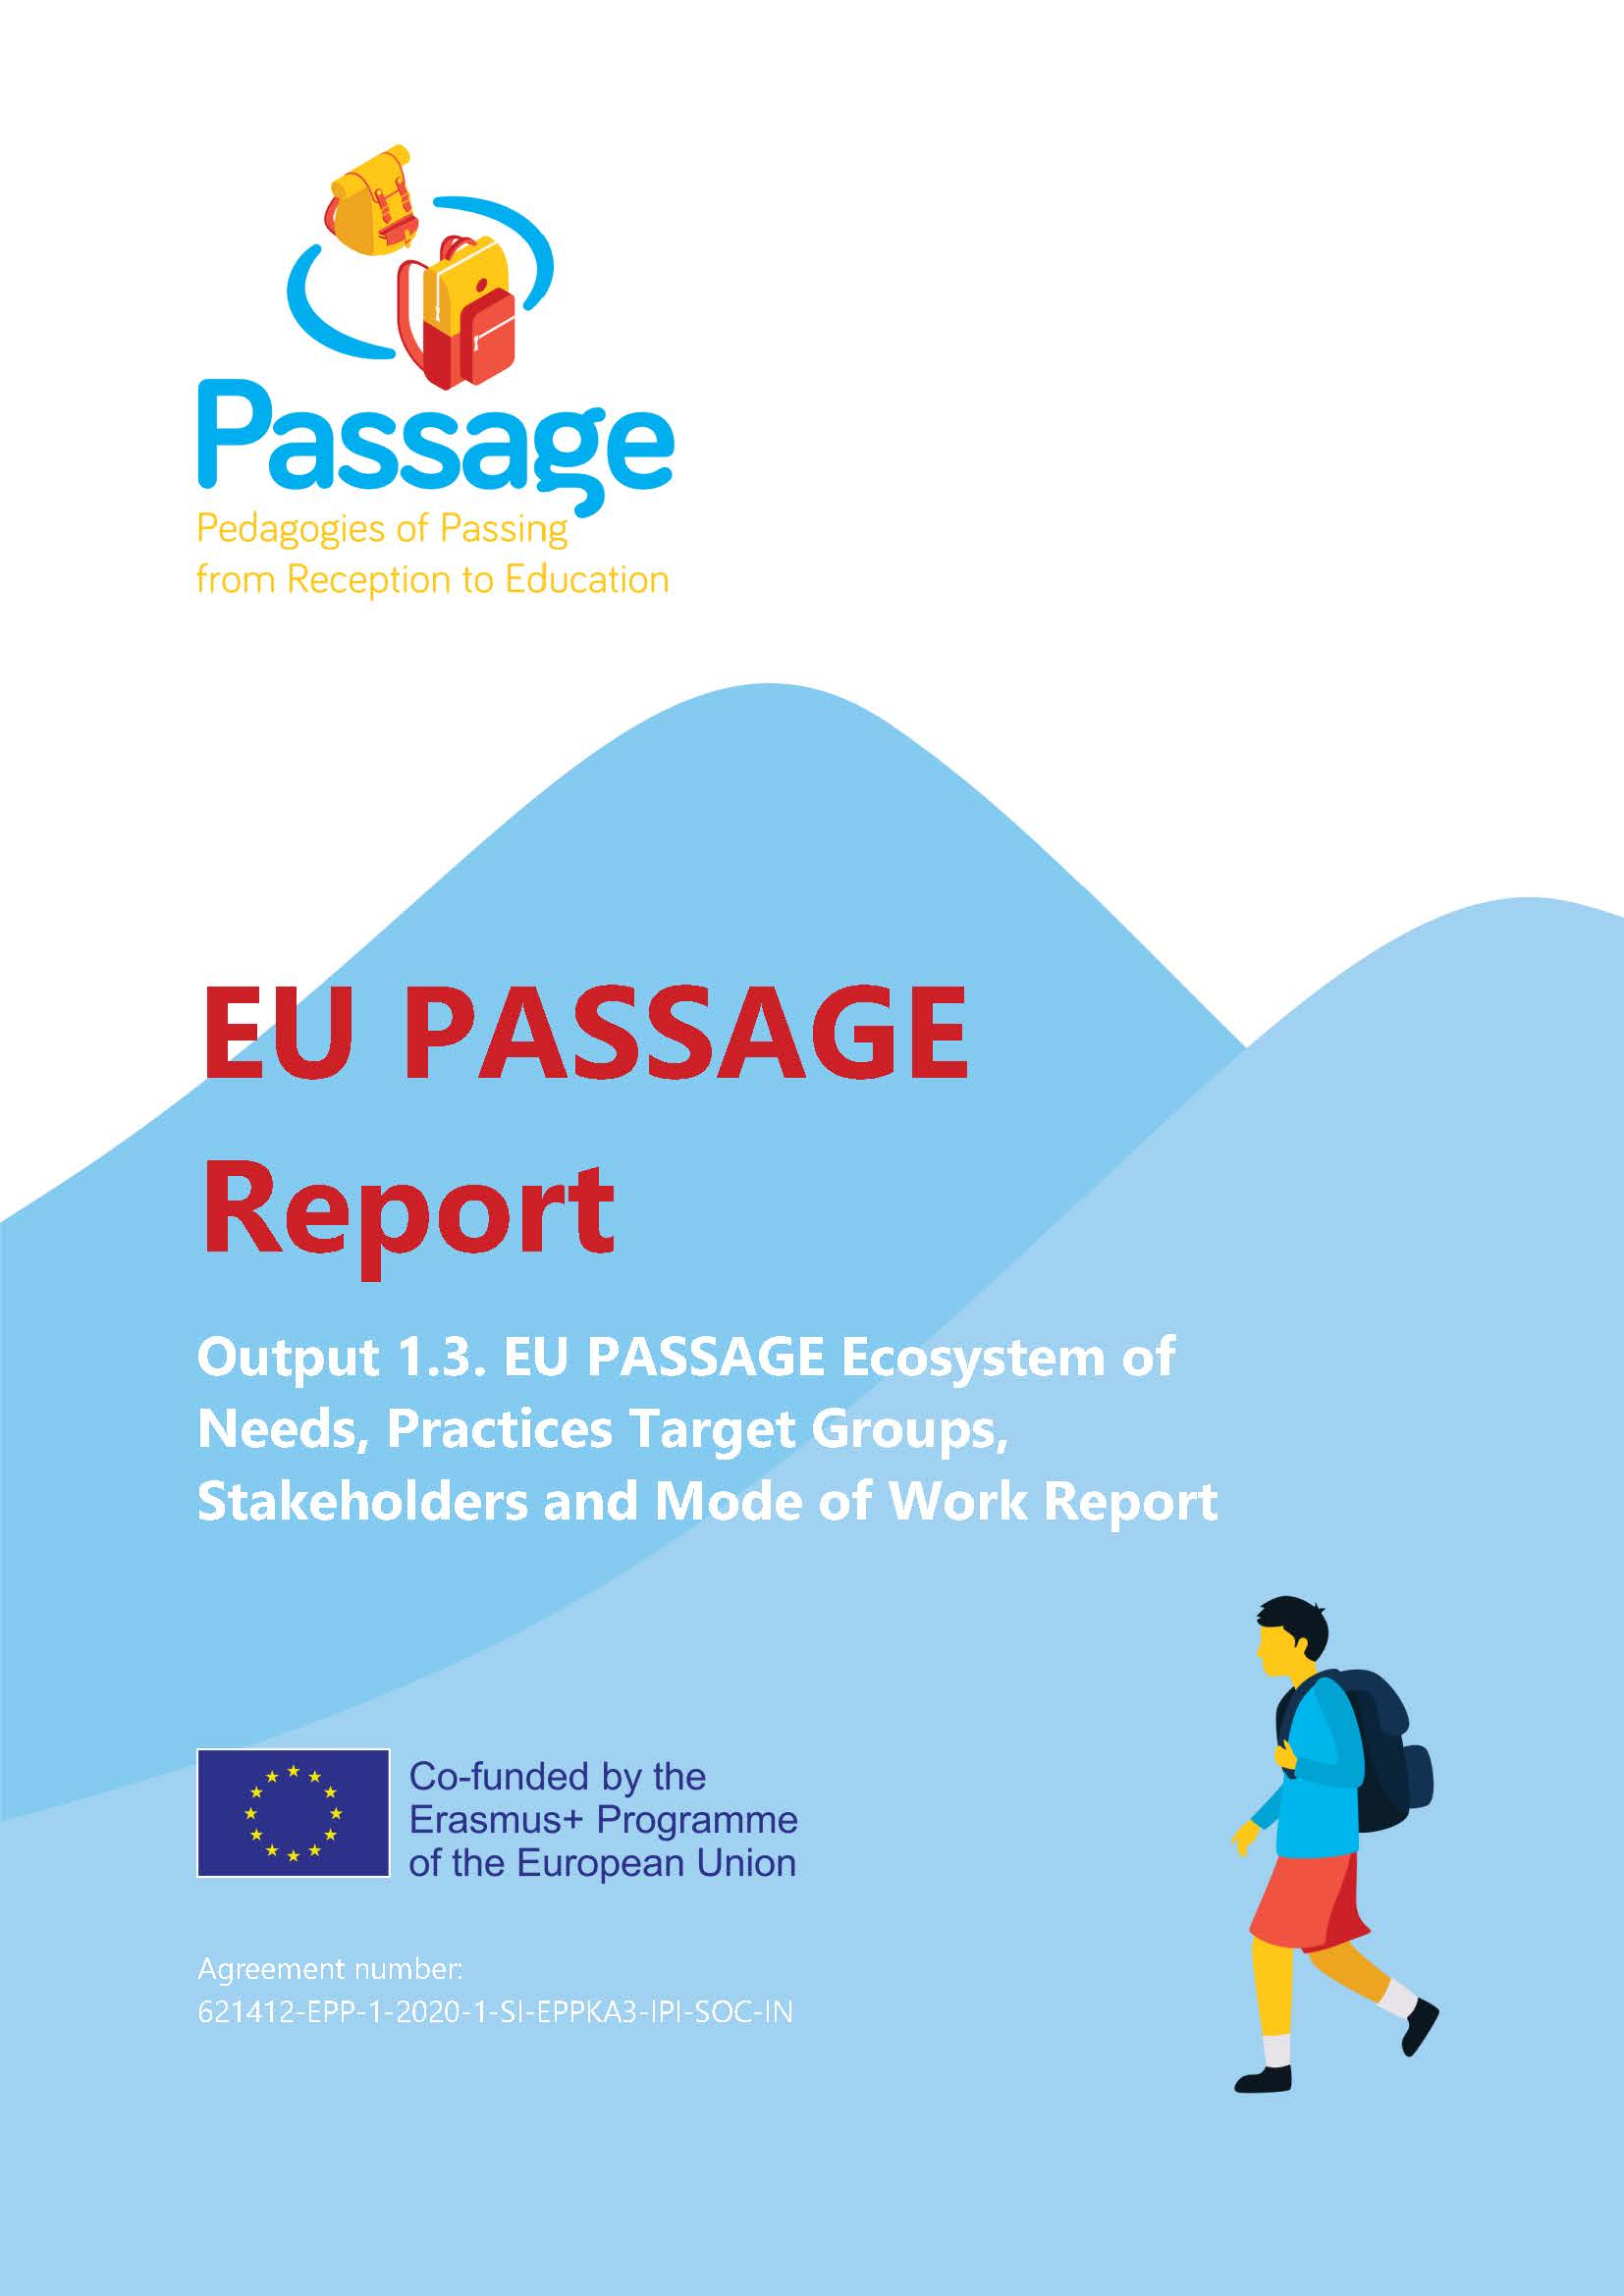 eu passage report cover